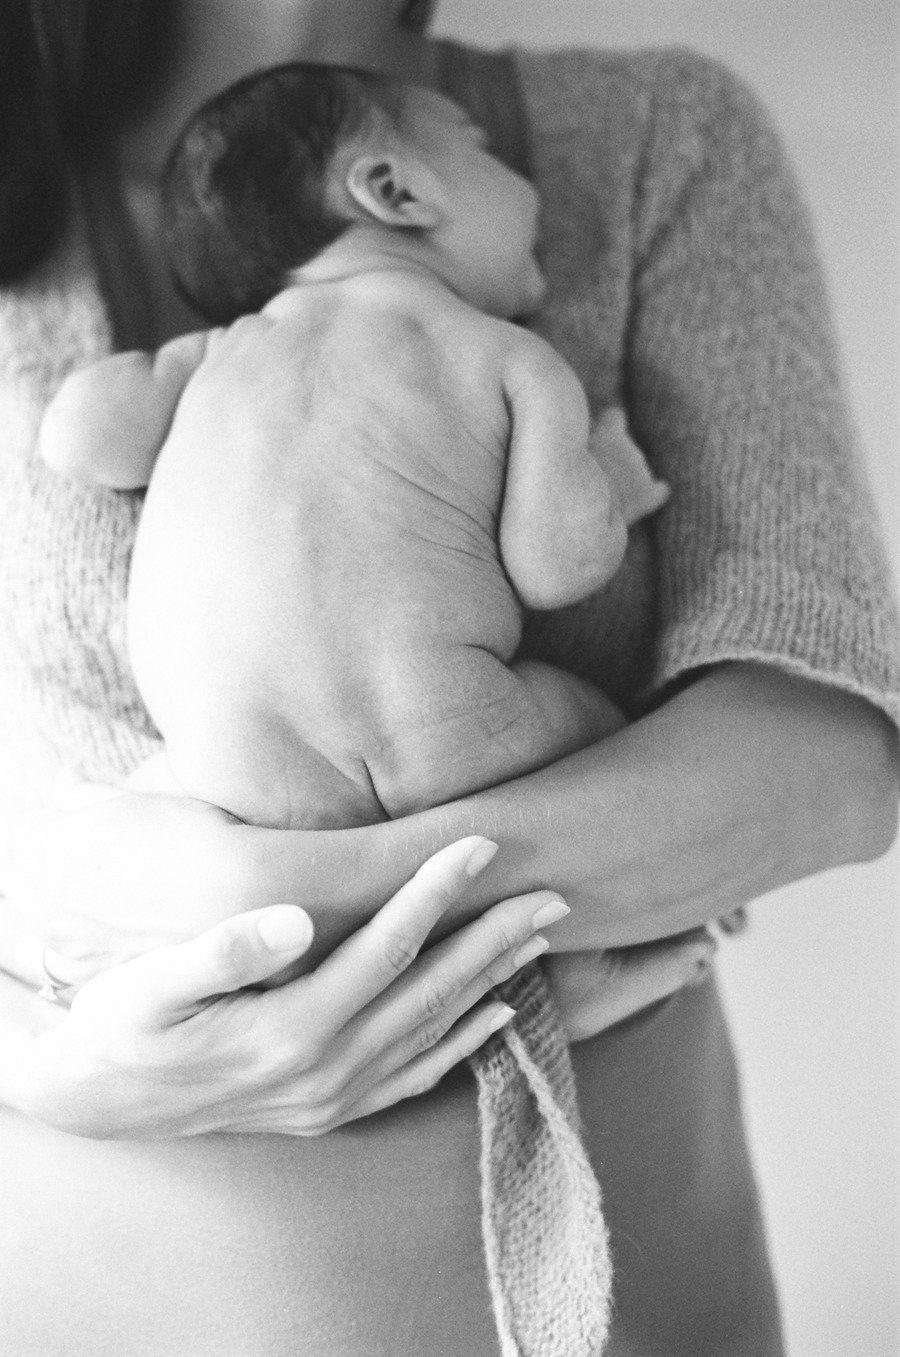 42-declaracoes-inspiradoras-maes01 40 Citações inspiradoras sobre mães  - Emoção e muito Amor